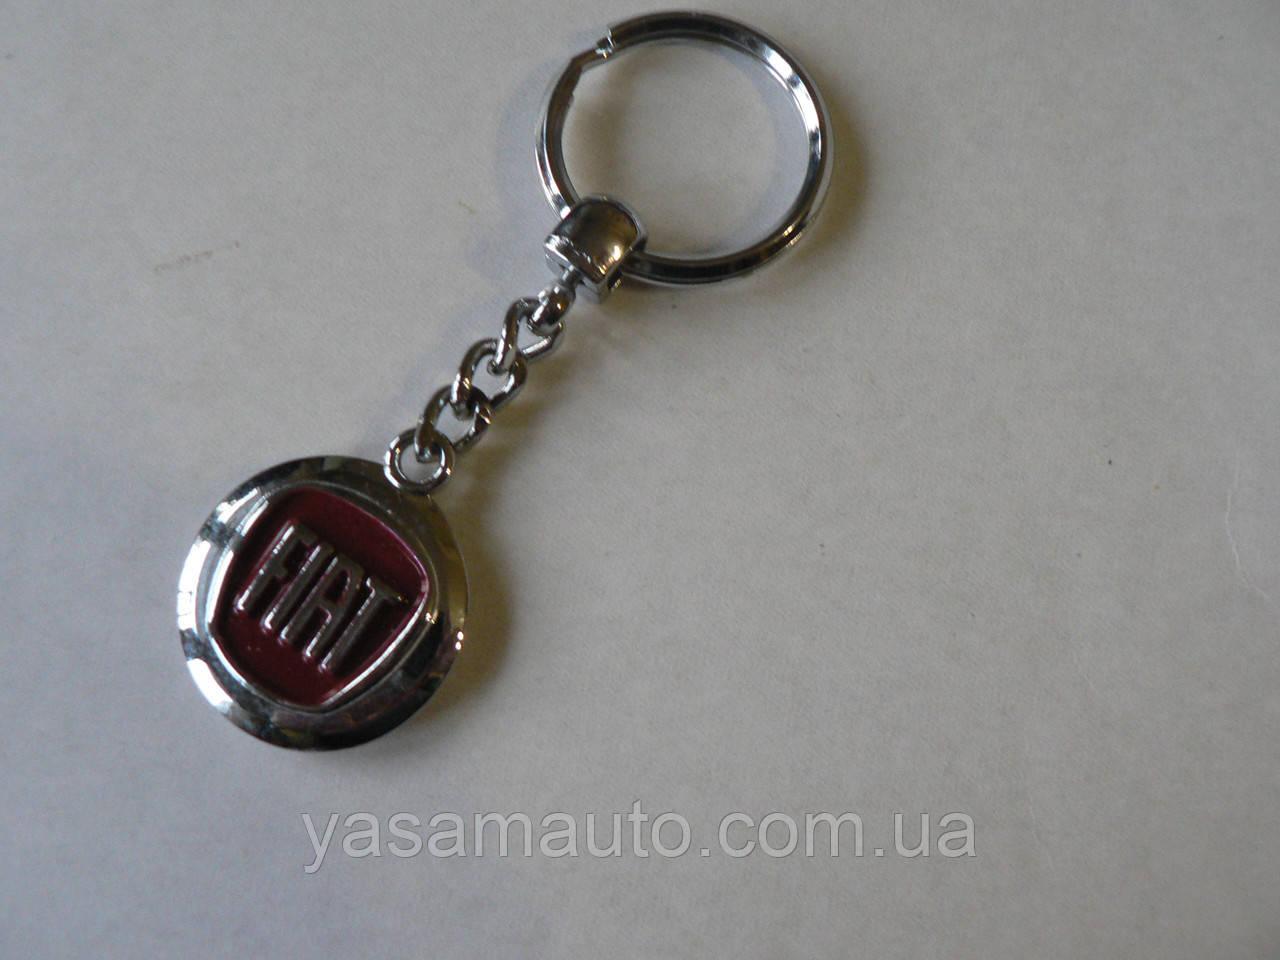 Брелок металлический Fiat 56г 94мм эмблема Фиат автомобильный на авто ключи окрашен вишневый дорогой